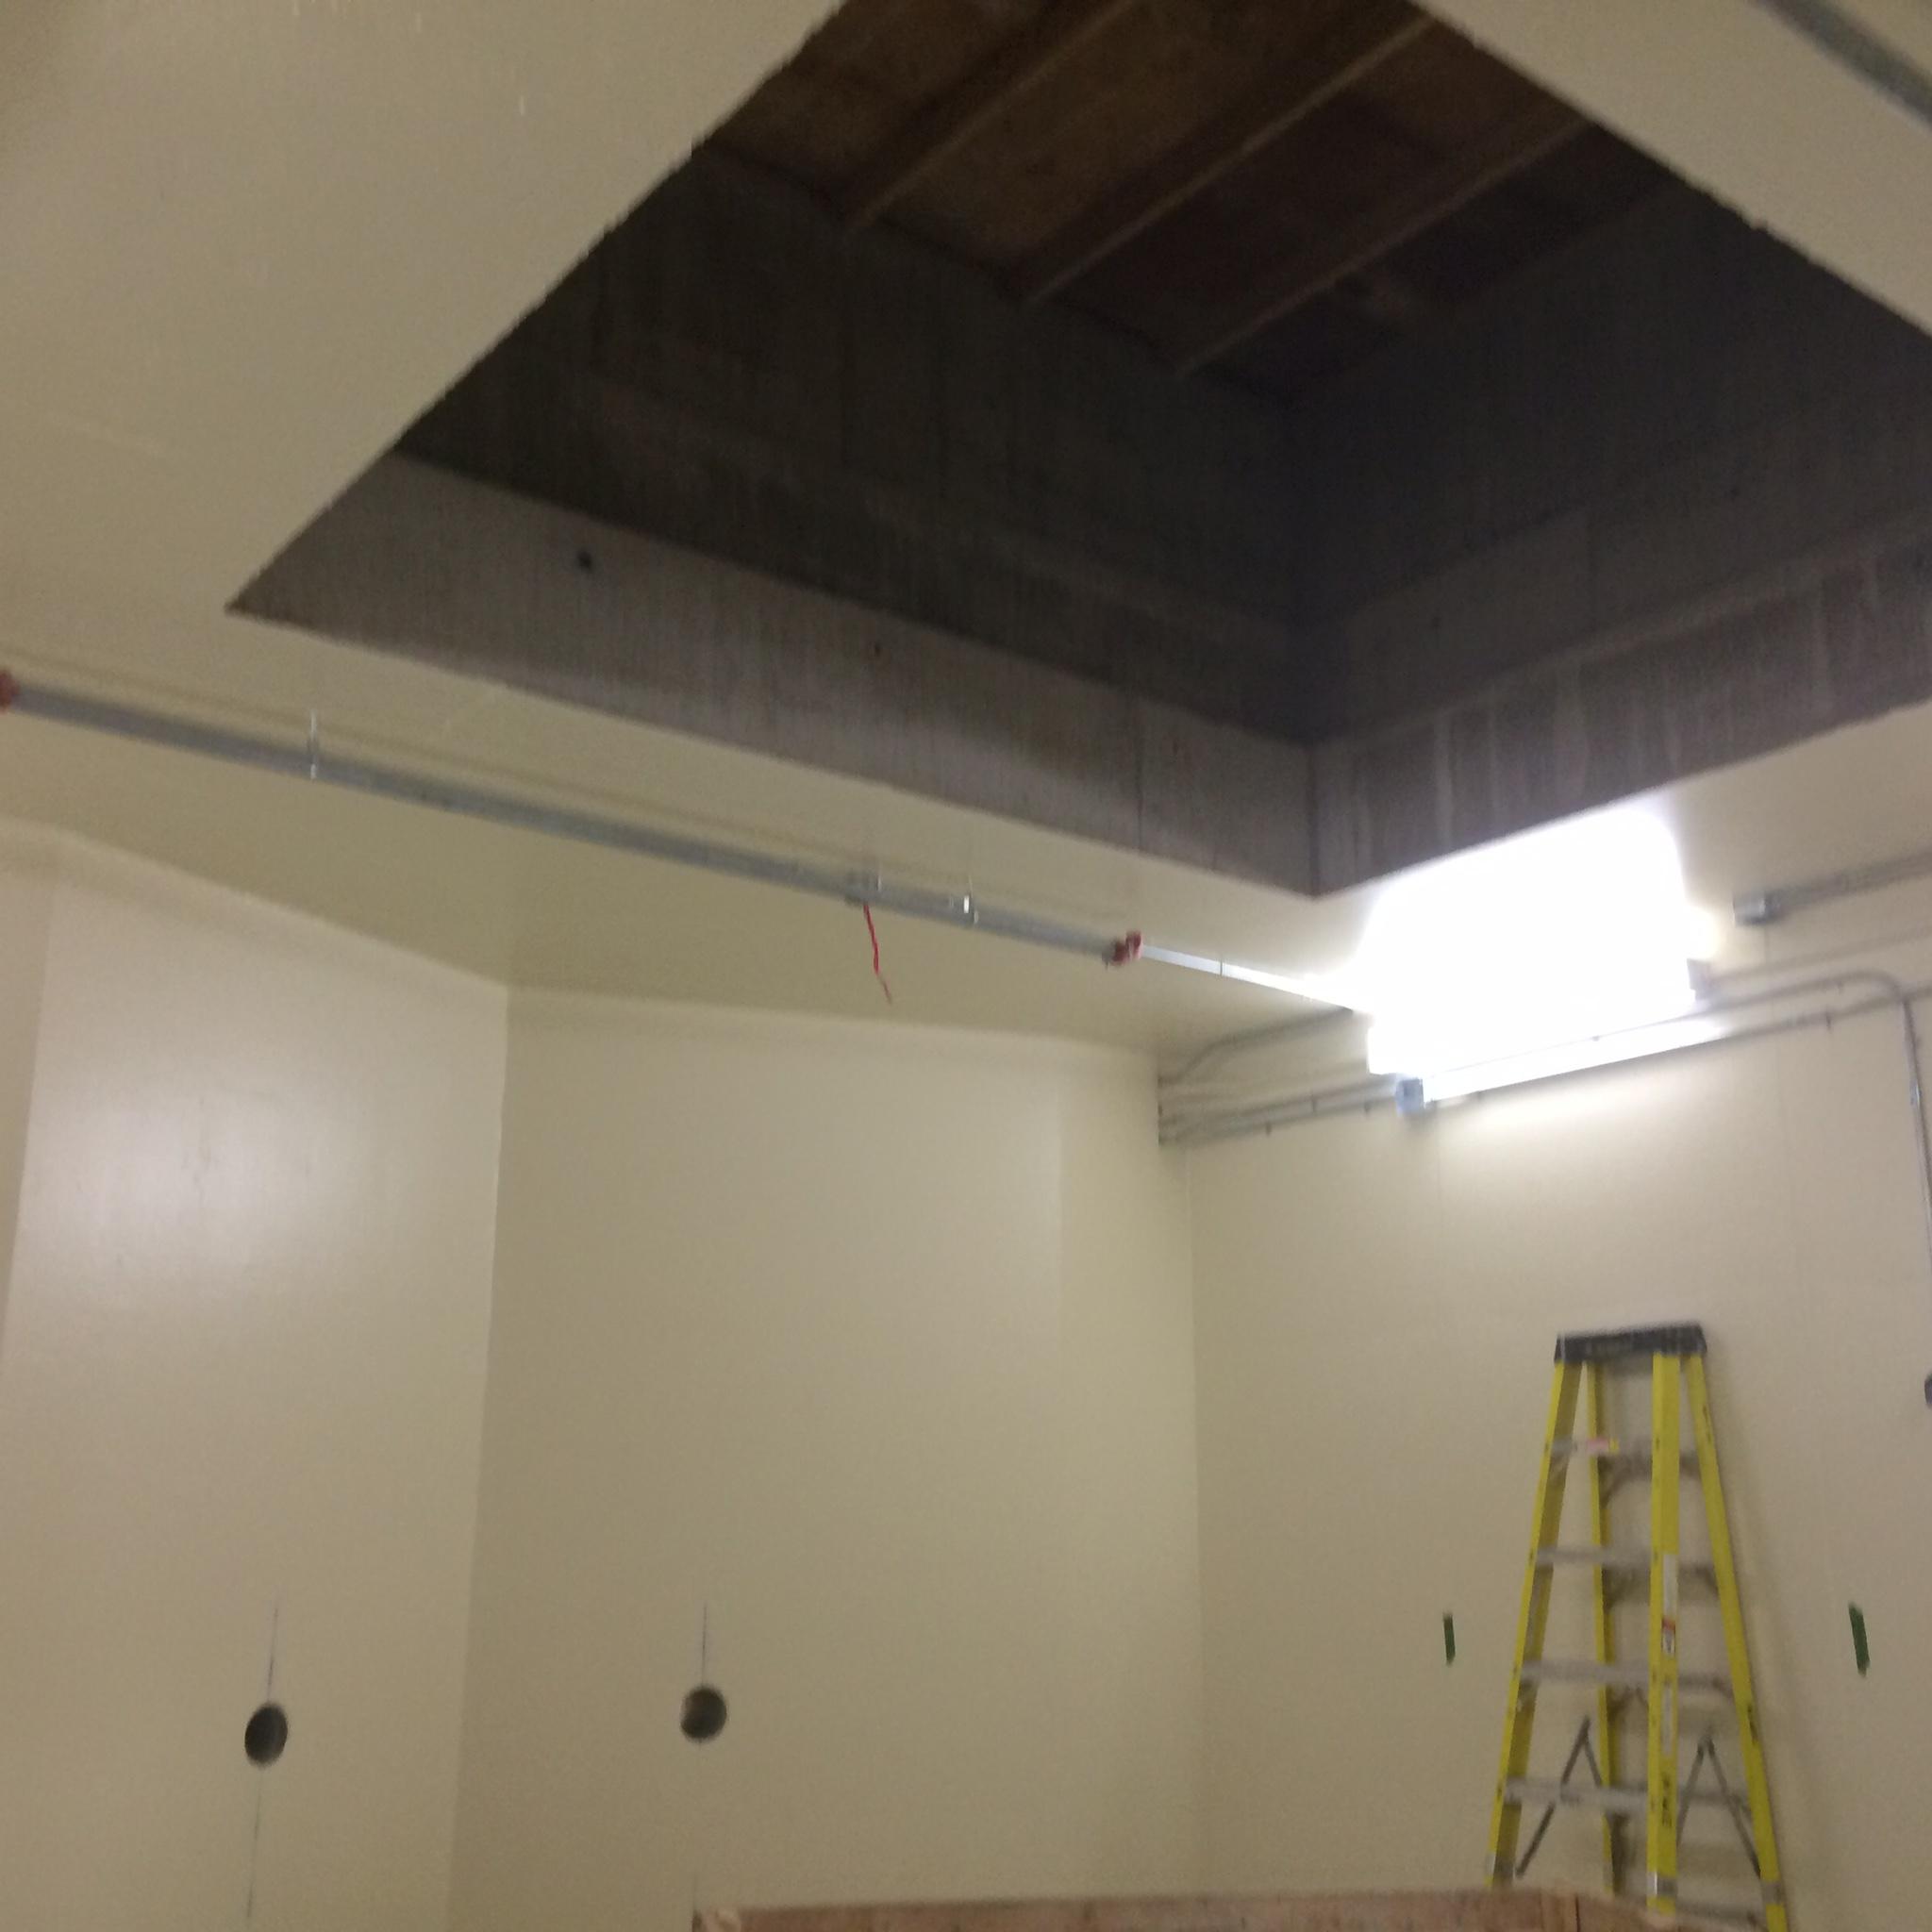 Bunker ceiling